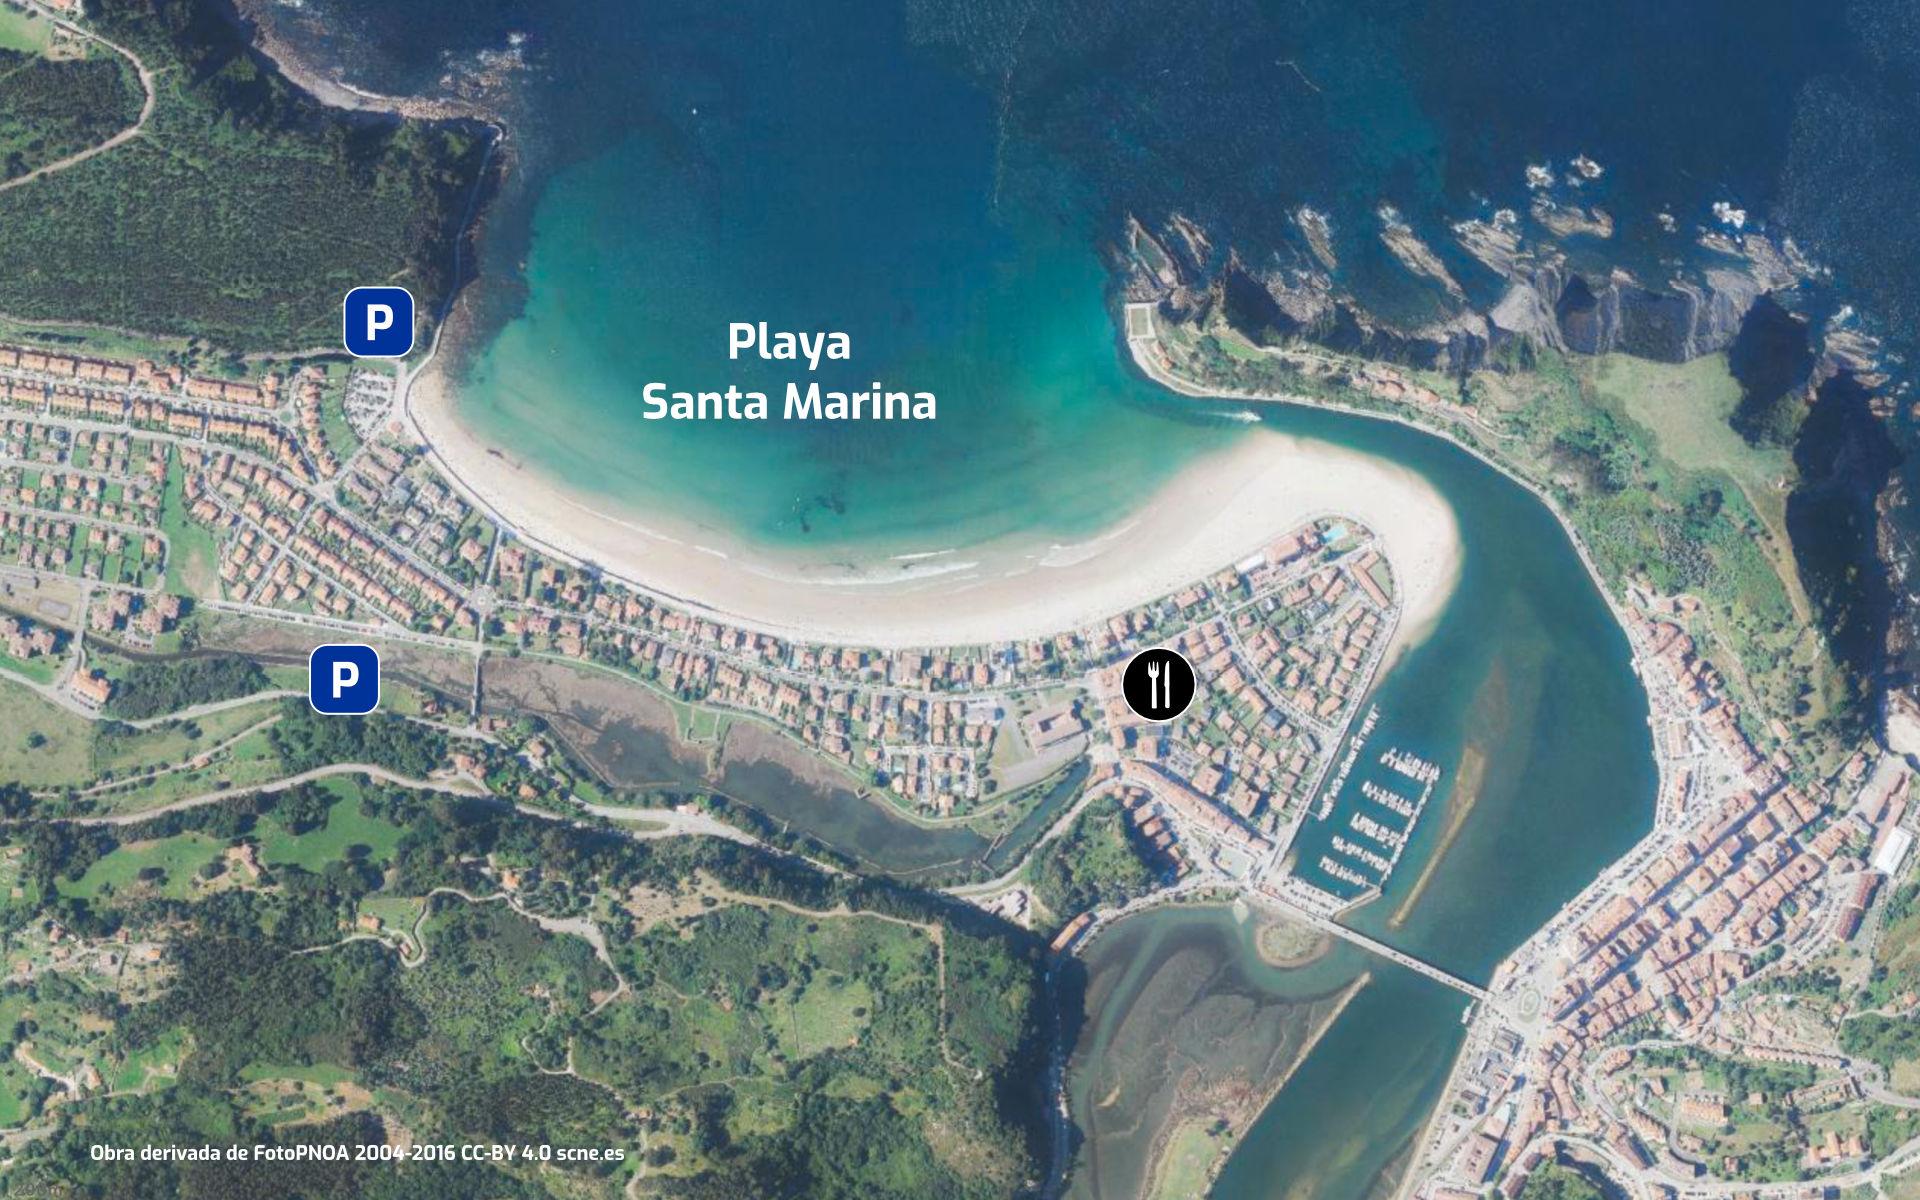 Mapa de ubicación y servicios de la Playa de Santa Marina en Ribadesella, Asturias